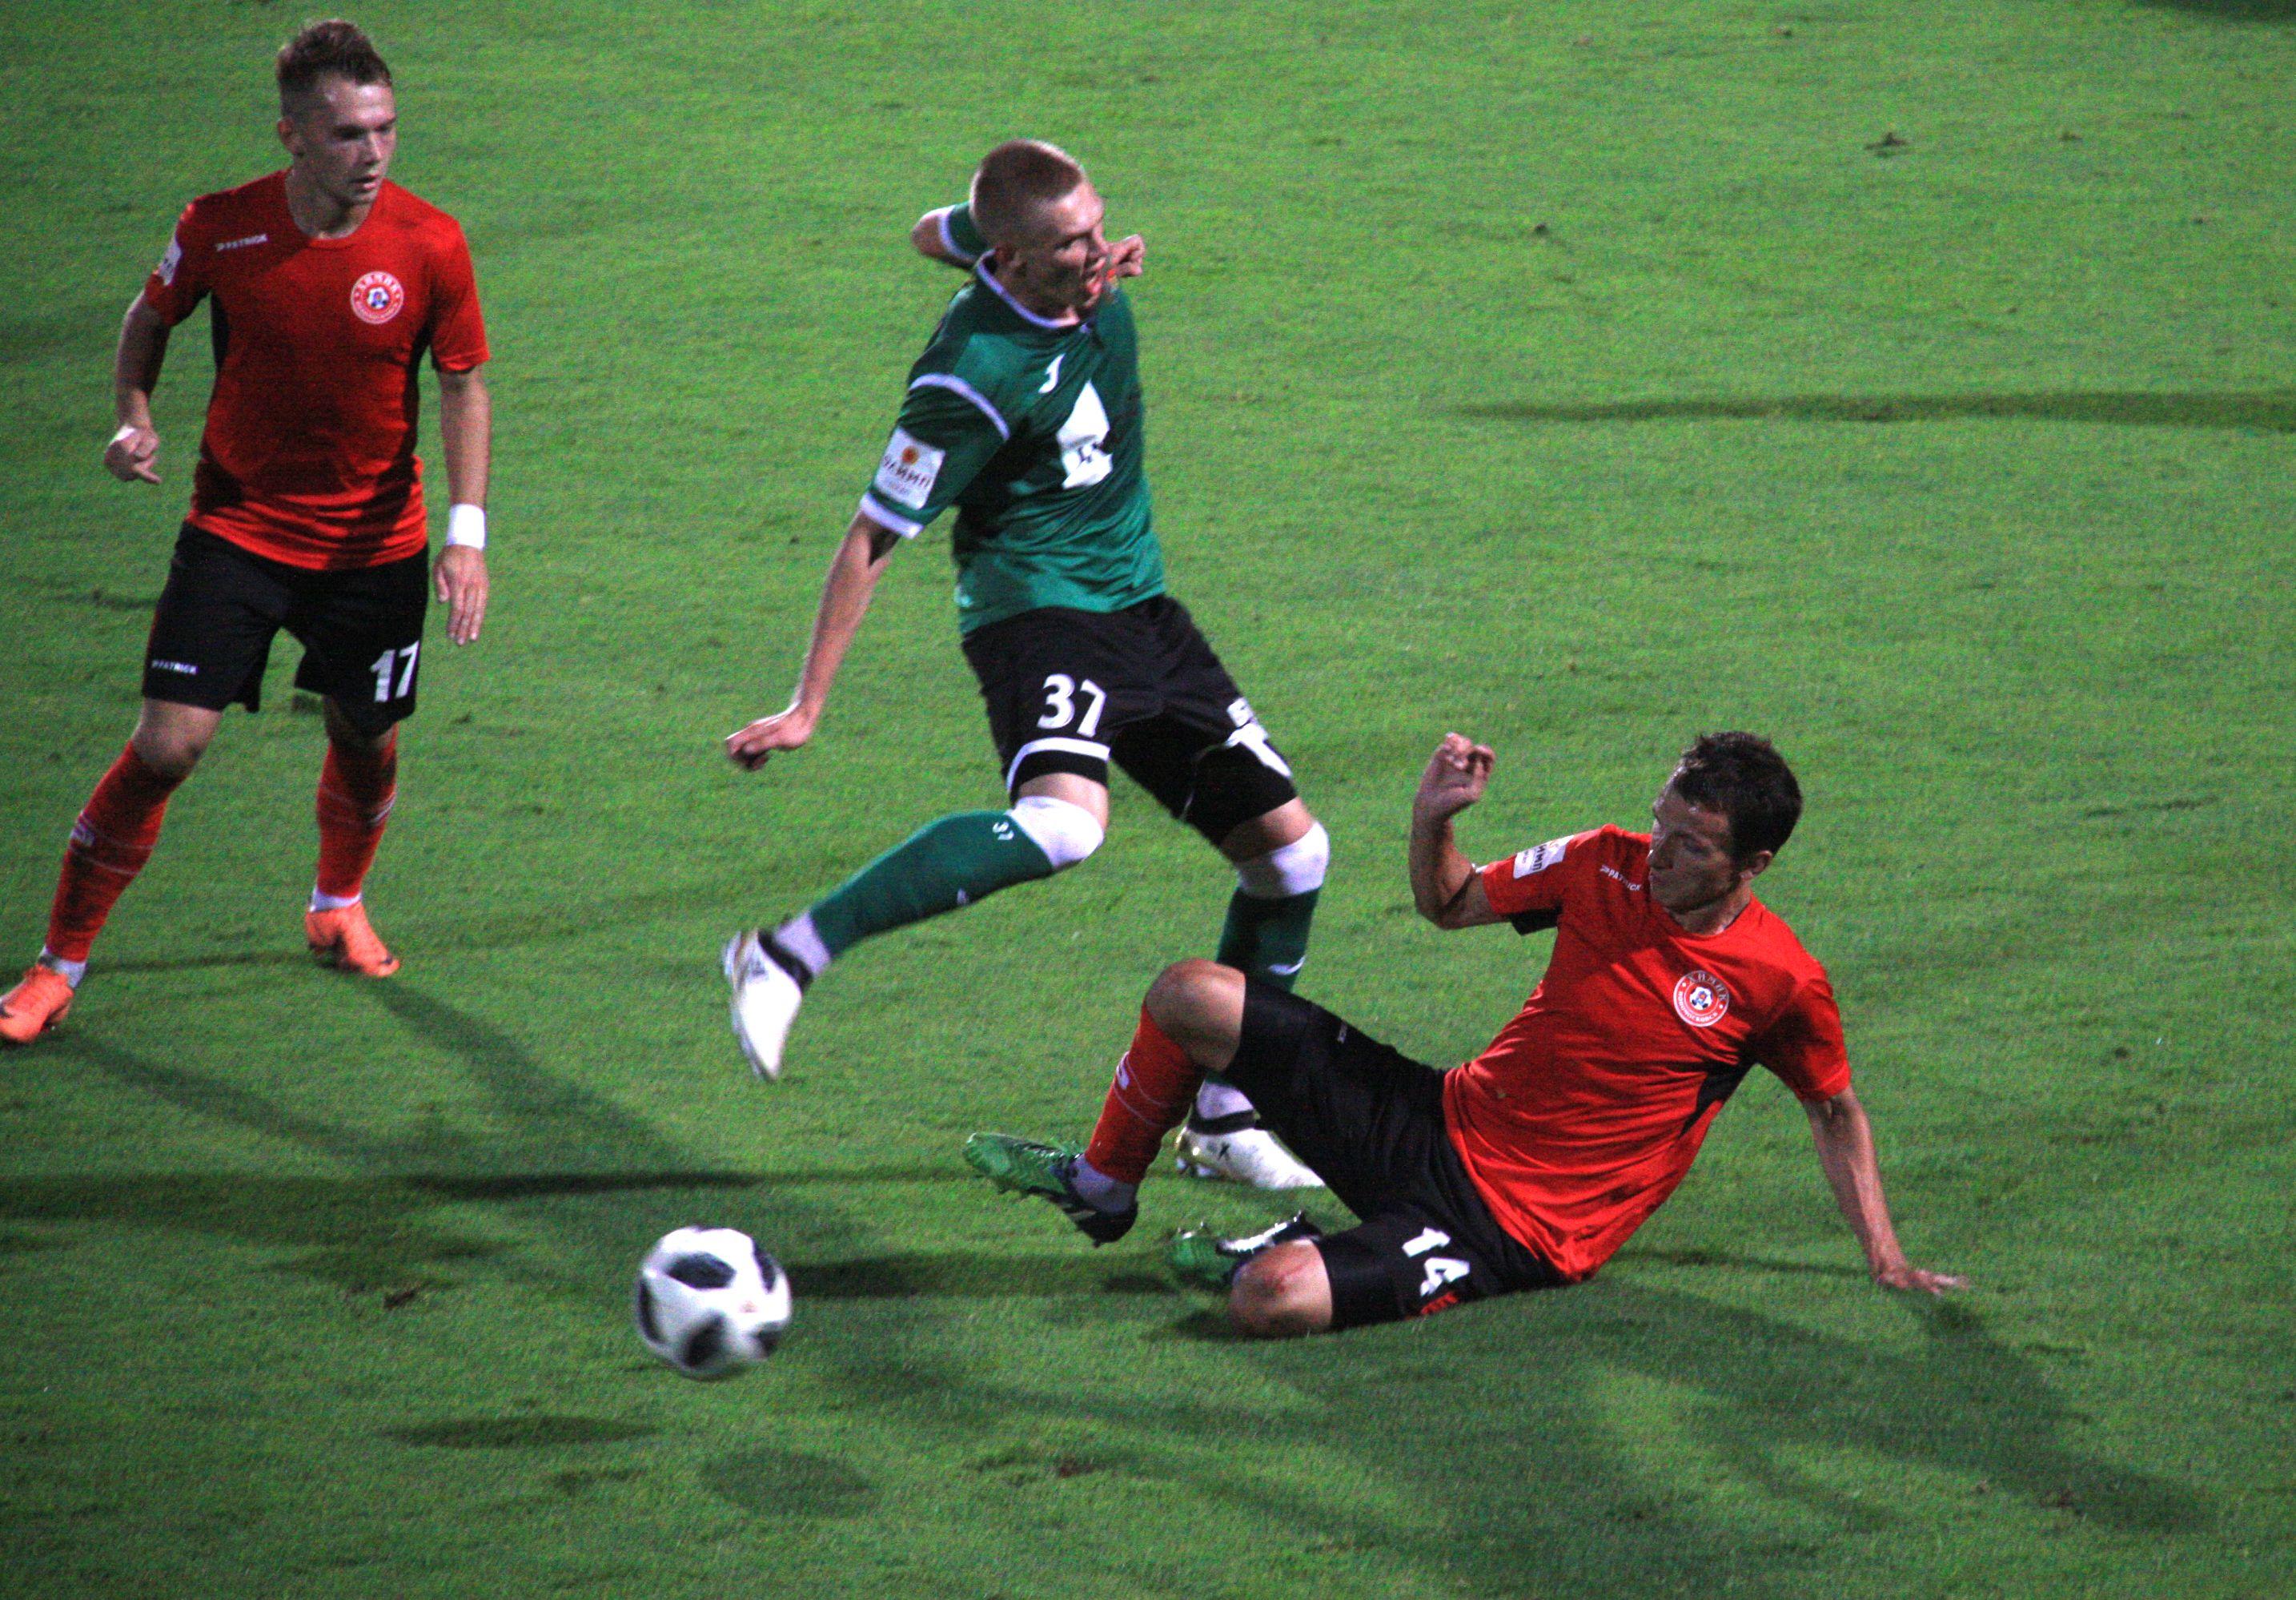 Спортсмены из Роговского сразятся на турнире по футболу